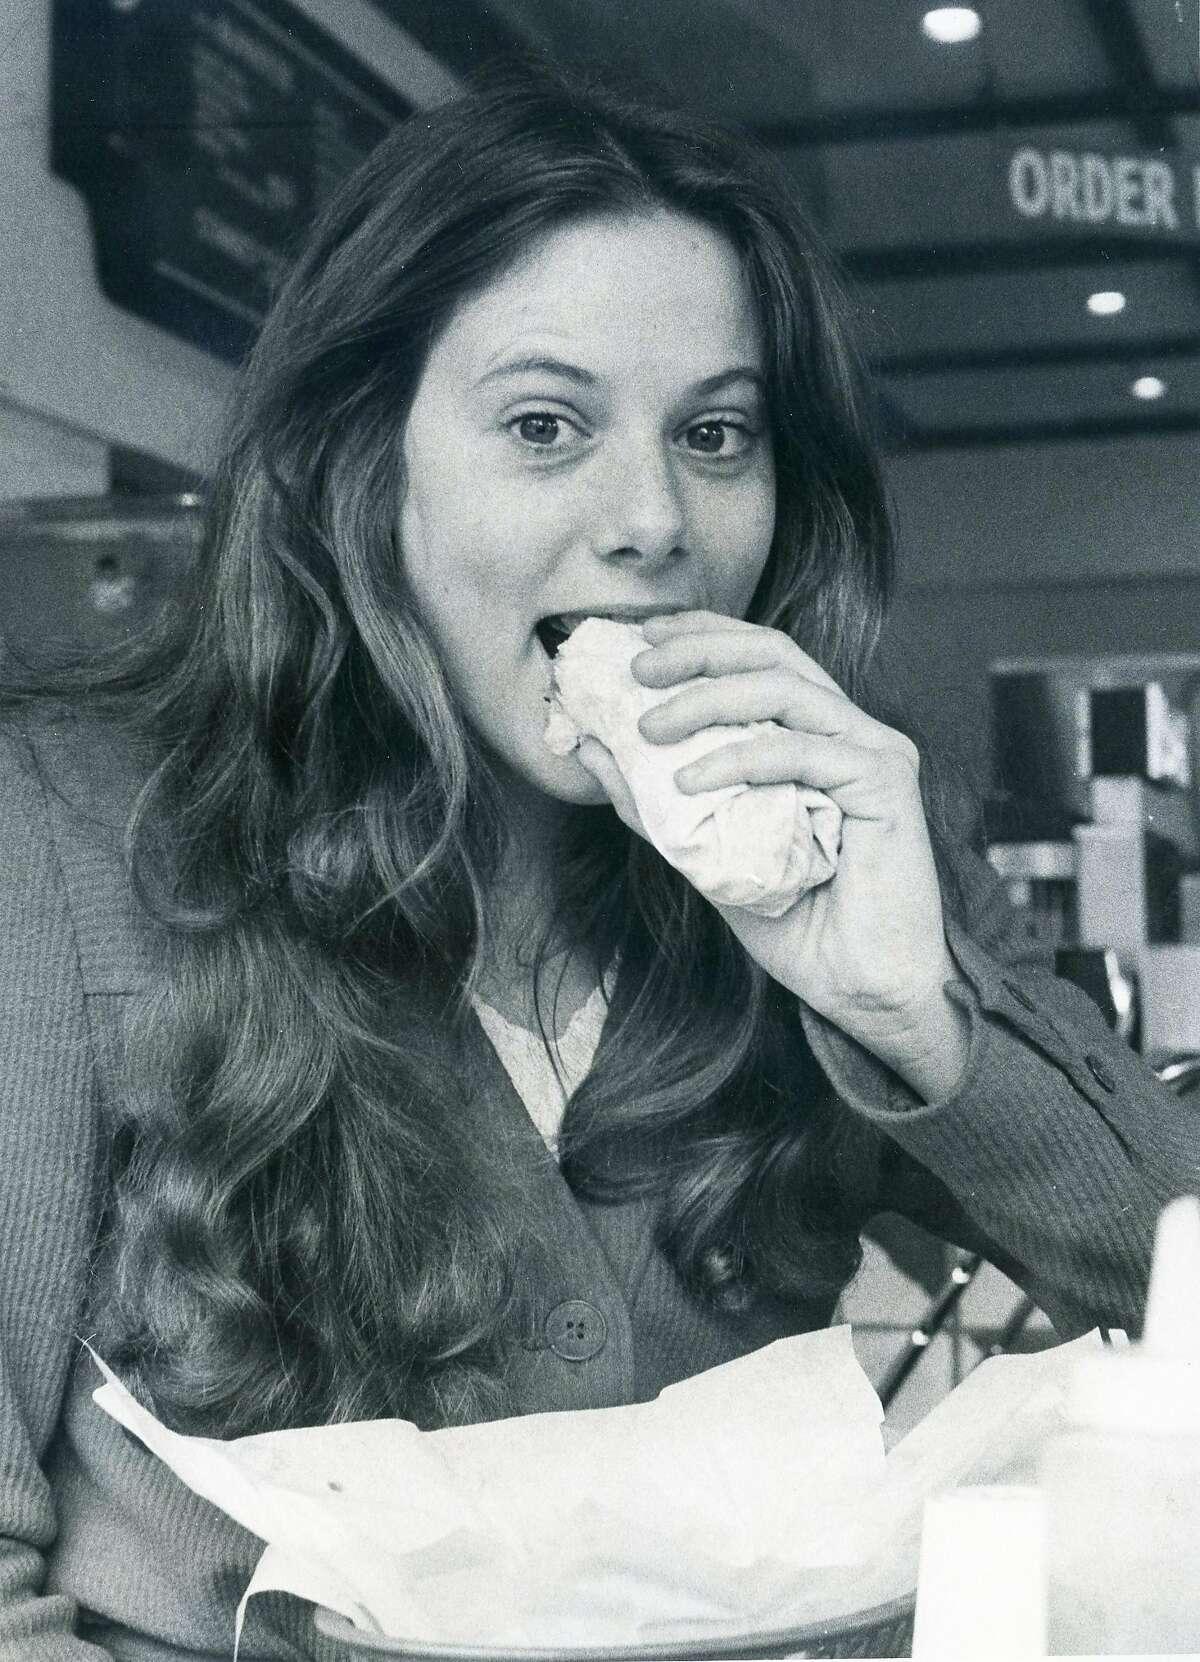 Jan. 20, 1977: Lynn Moreno, 22, eats a burrito at Nito Burrito in S.F.